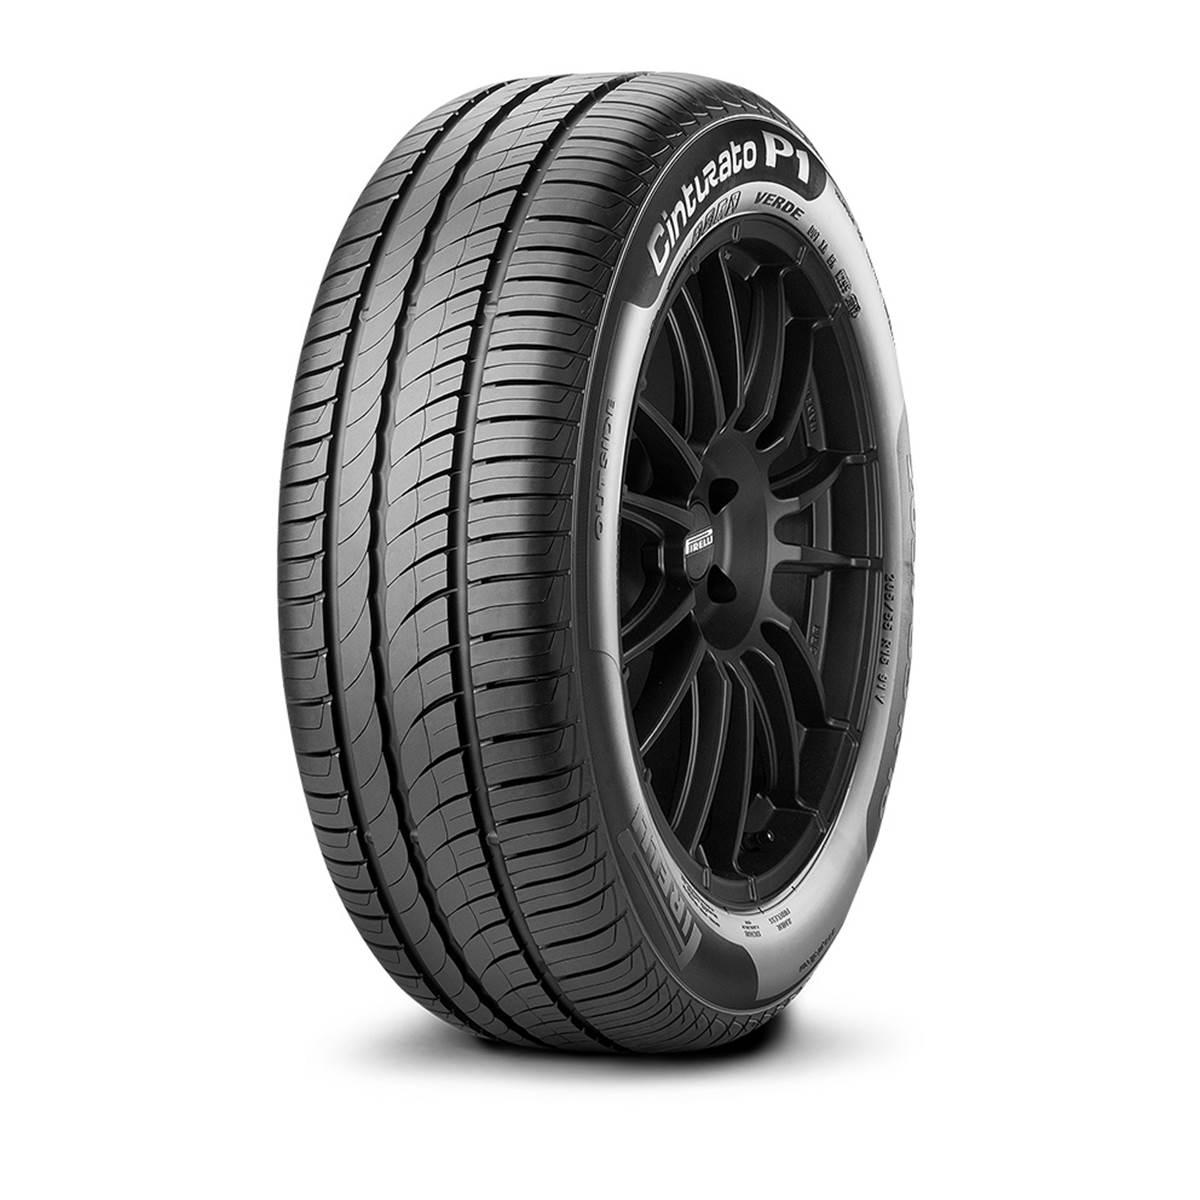 Pneu Pirelli 205/65R15 94H Cinturato P1 Verde